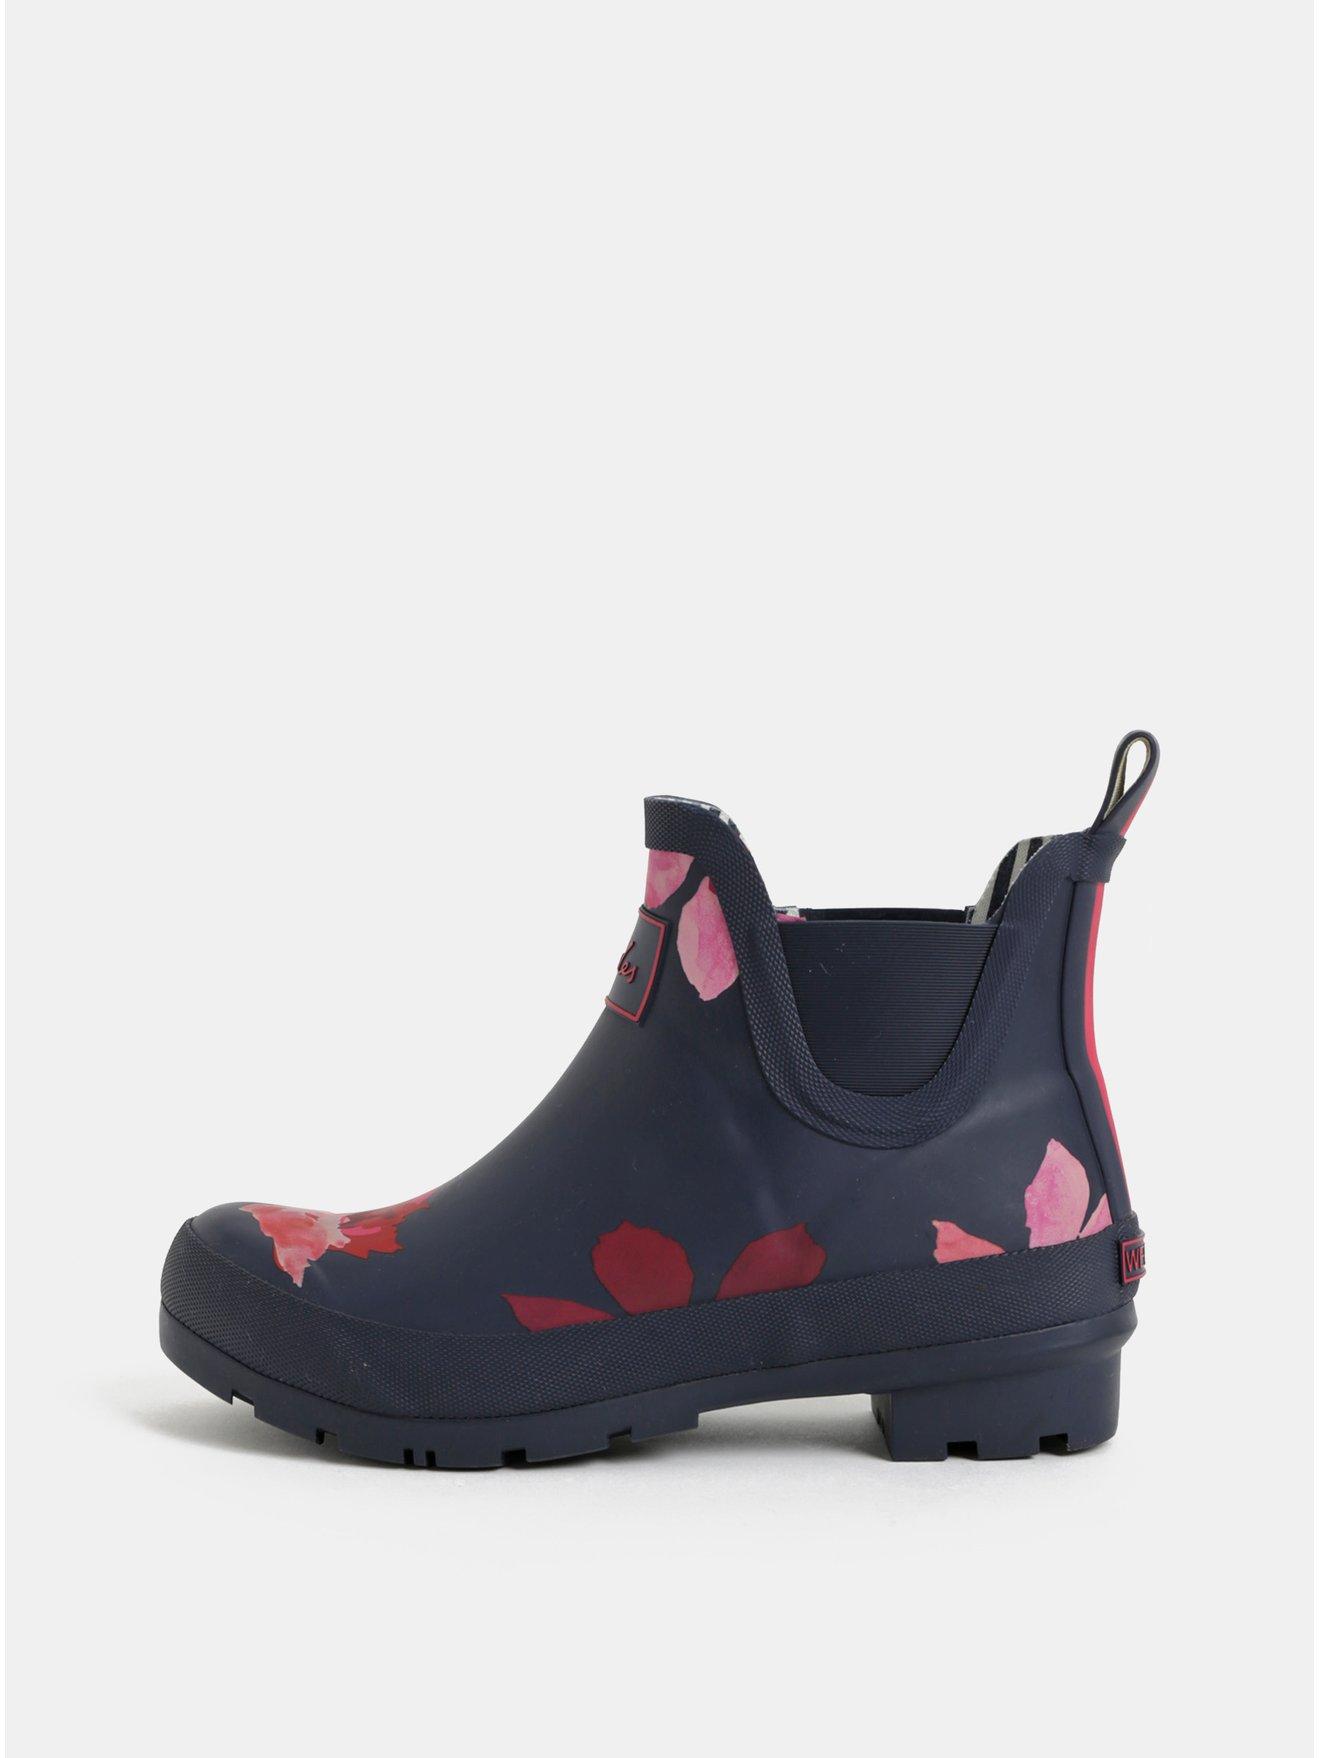 Tmavě modré dámské květované gumové chelsea boty Tom Joule Wellibobs